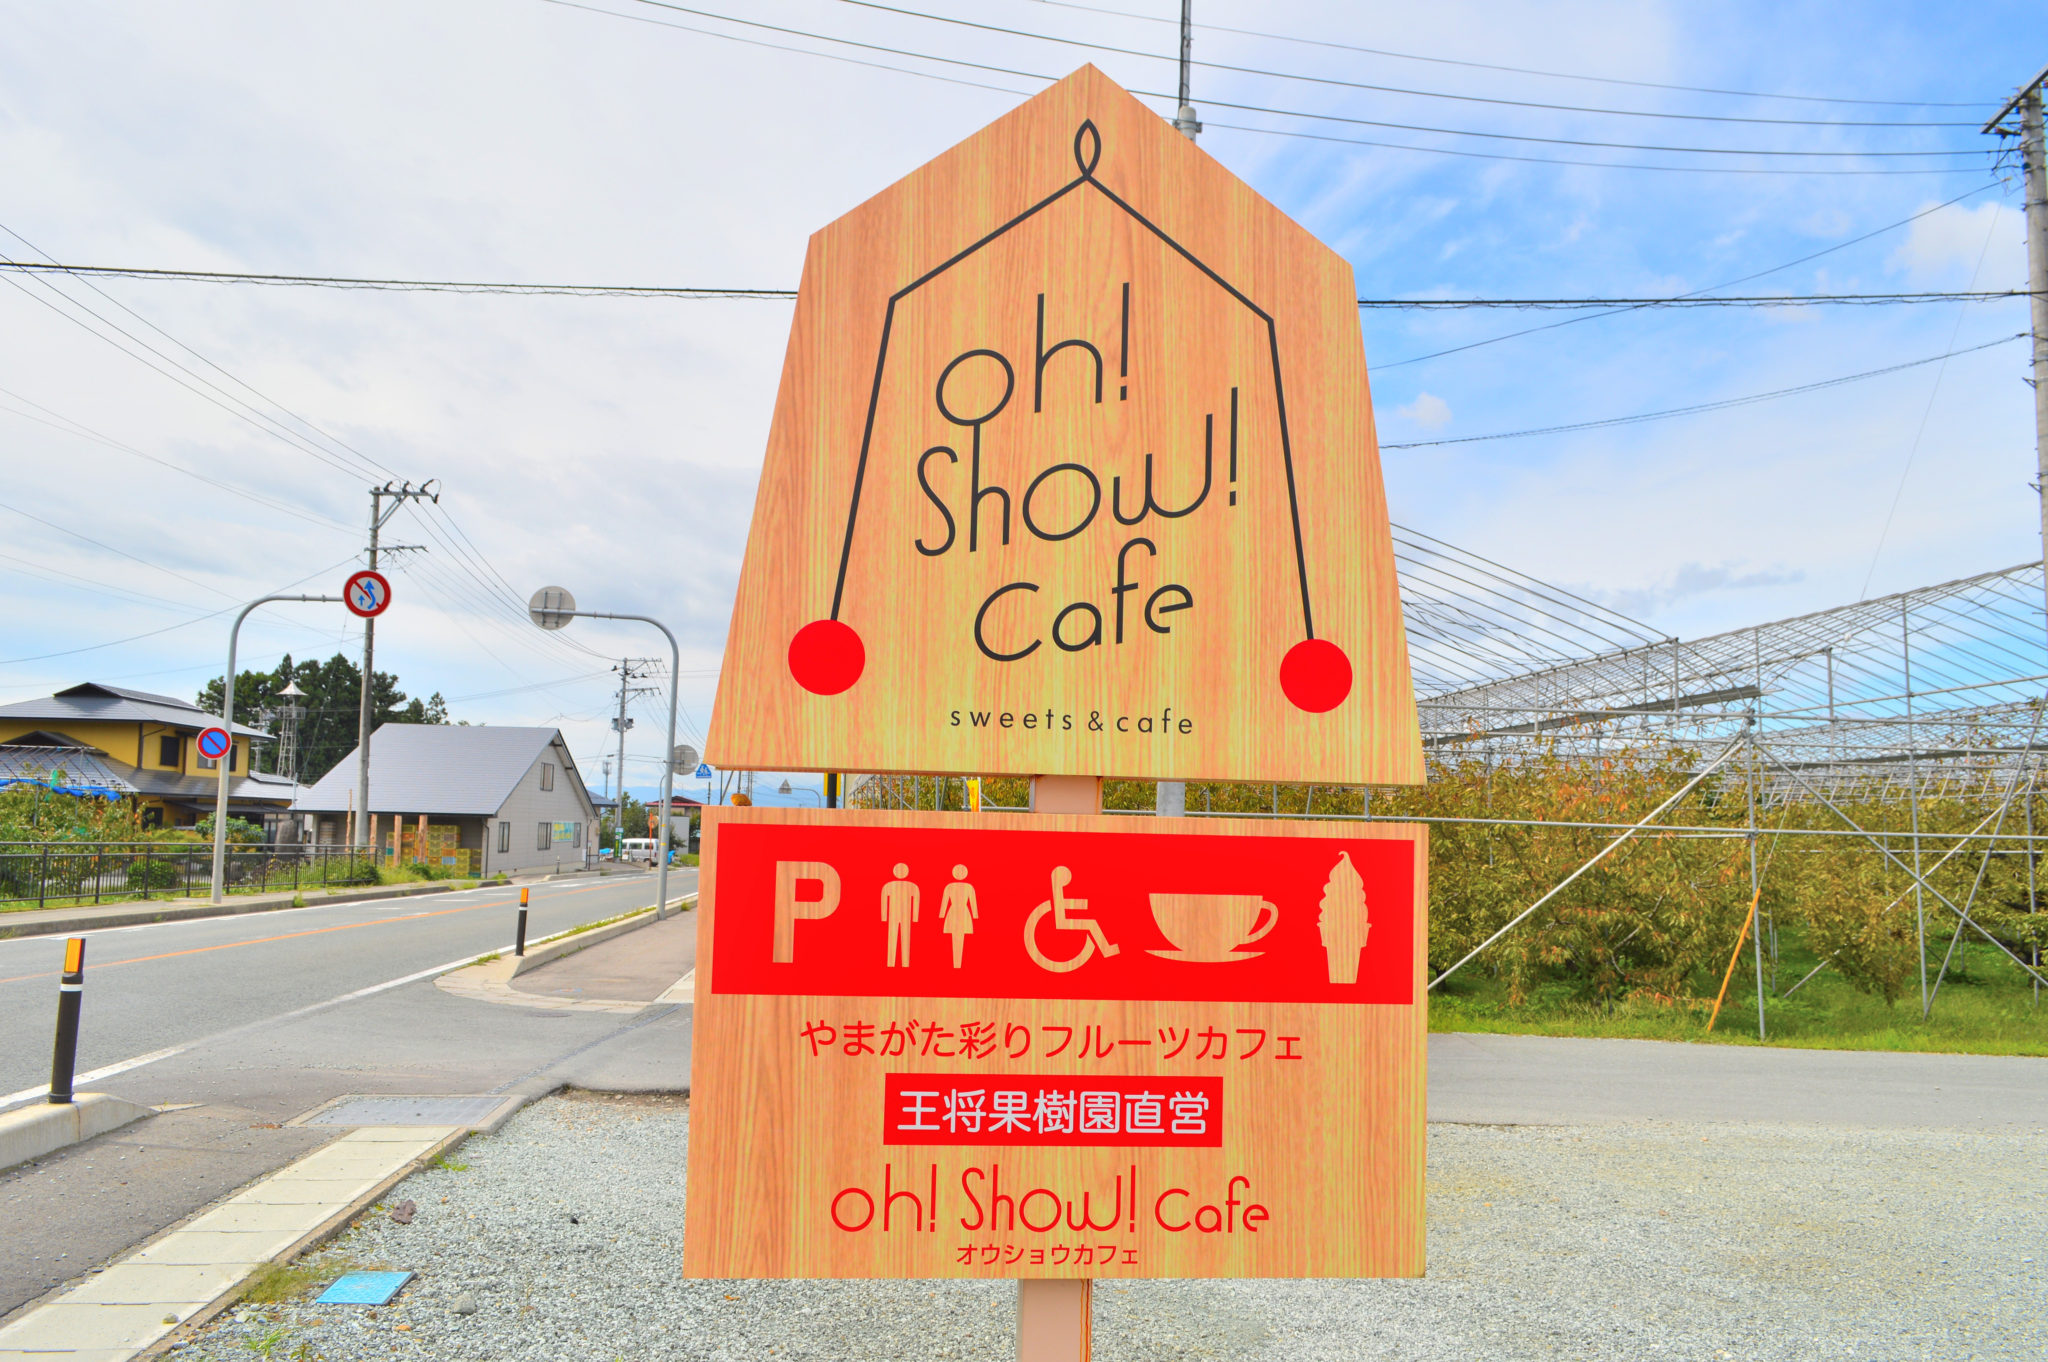 果汁ほとばしる、季節のフルーツパフェ~oh!show!cafe~